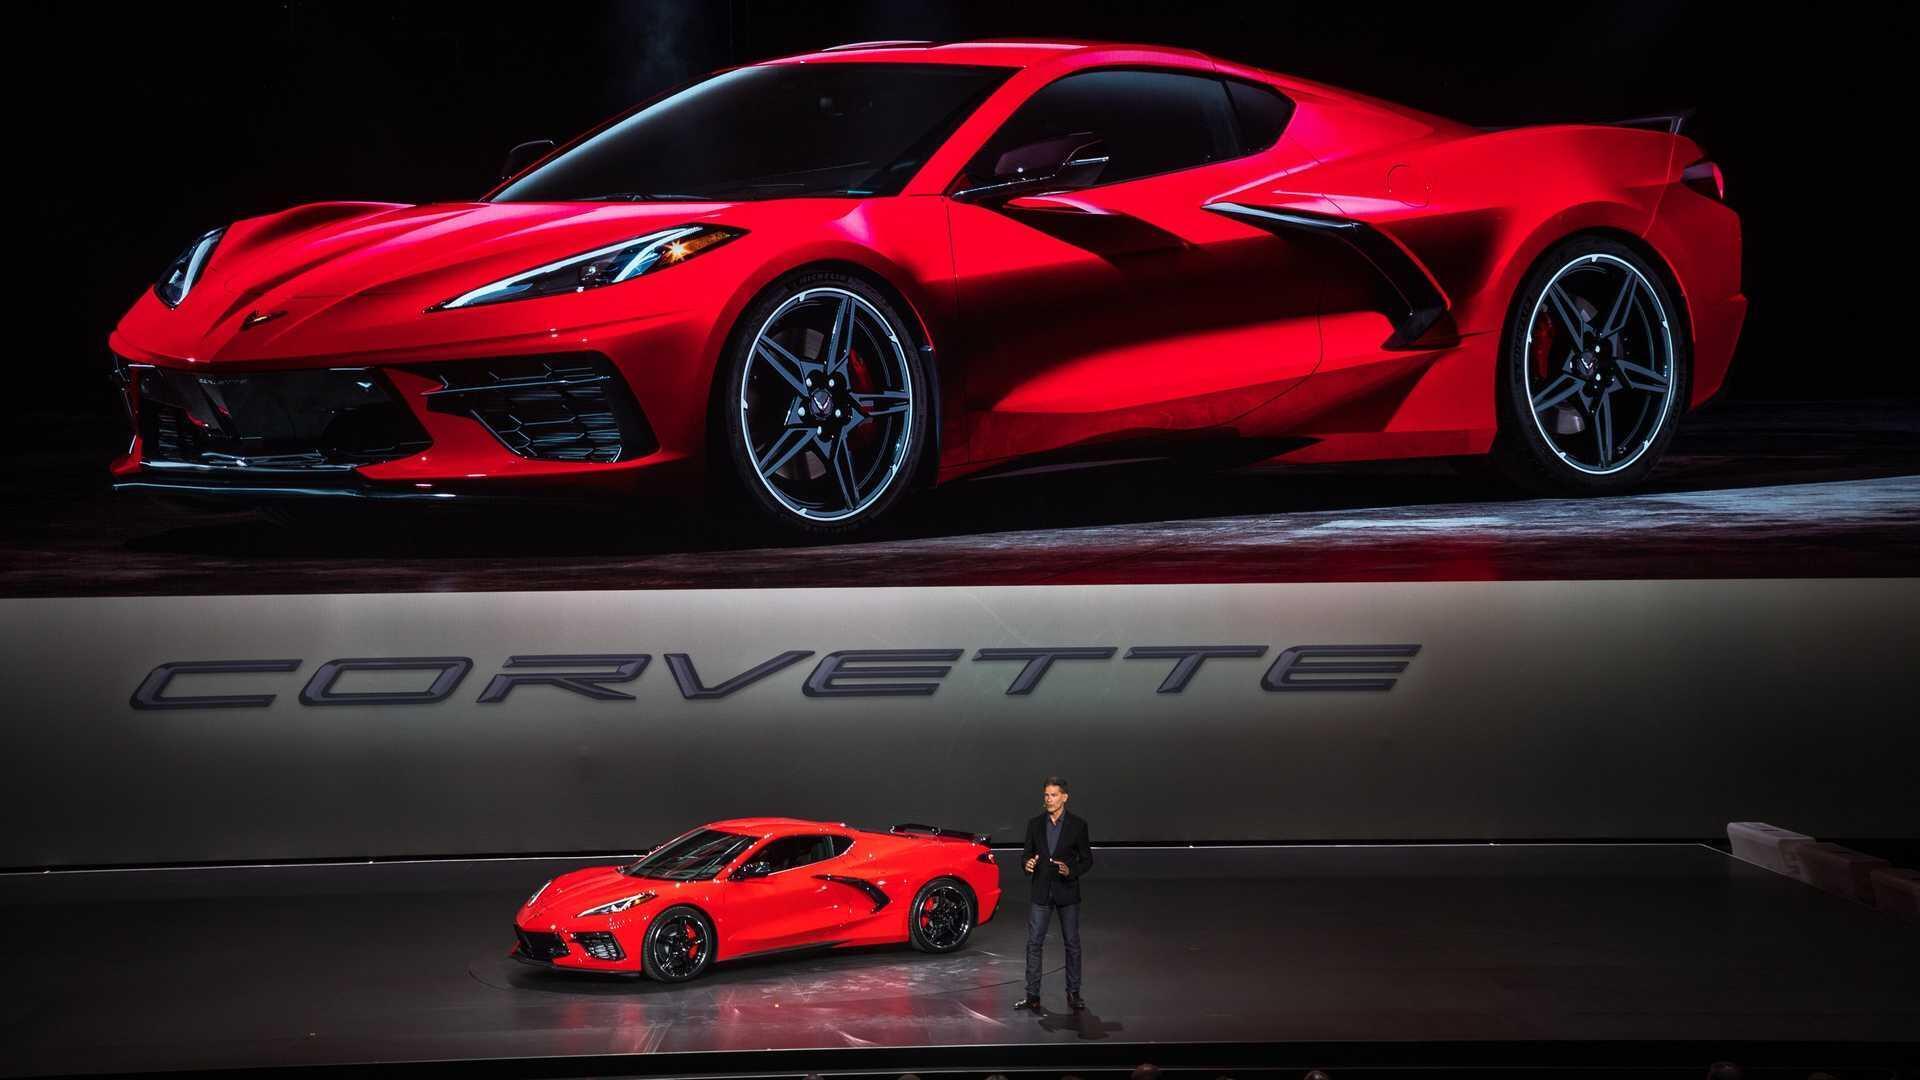 https://cdn.dailyxe.com.vn/image/chevrolet-corvette-2020-co-mot-so-tinh-nang-an-tuyet-voi-31-94528j2.jpg